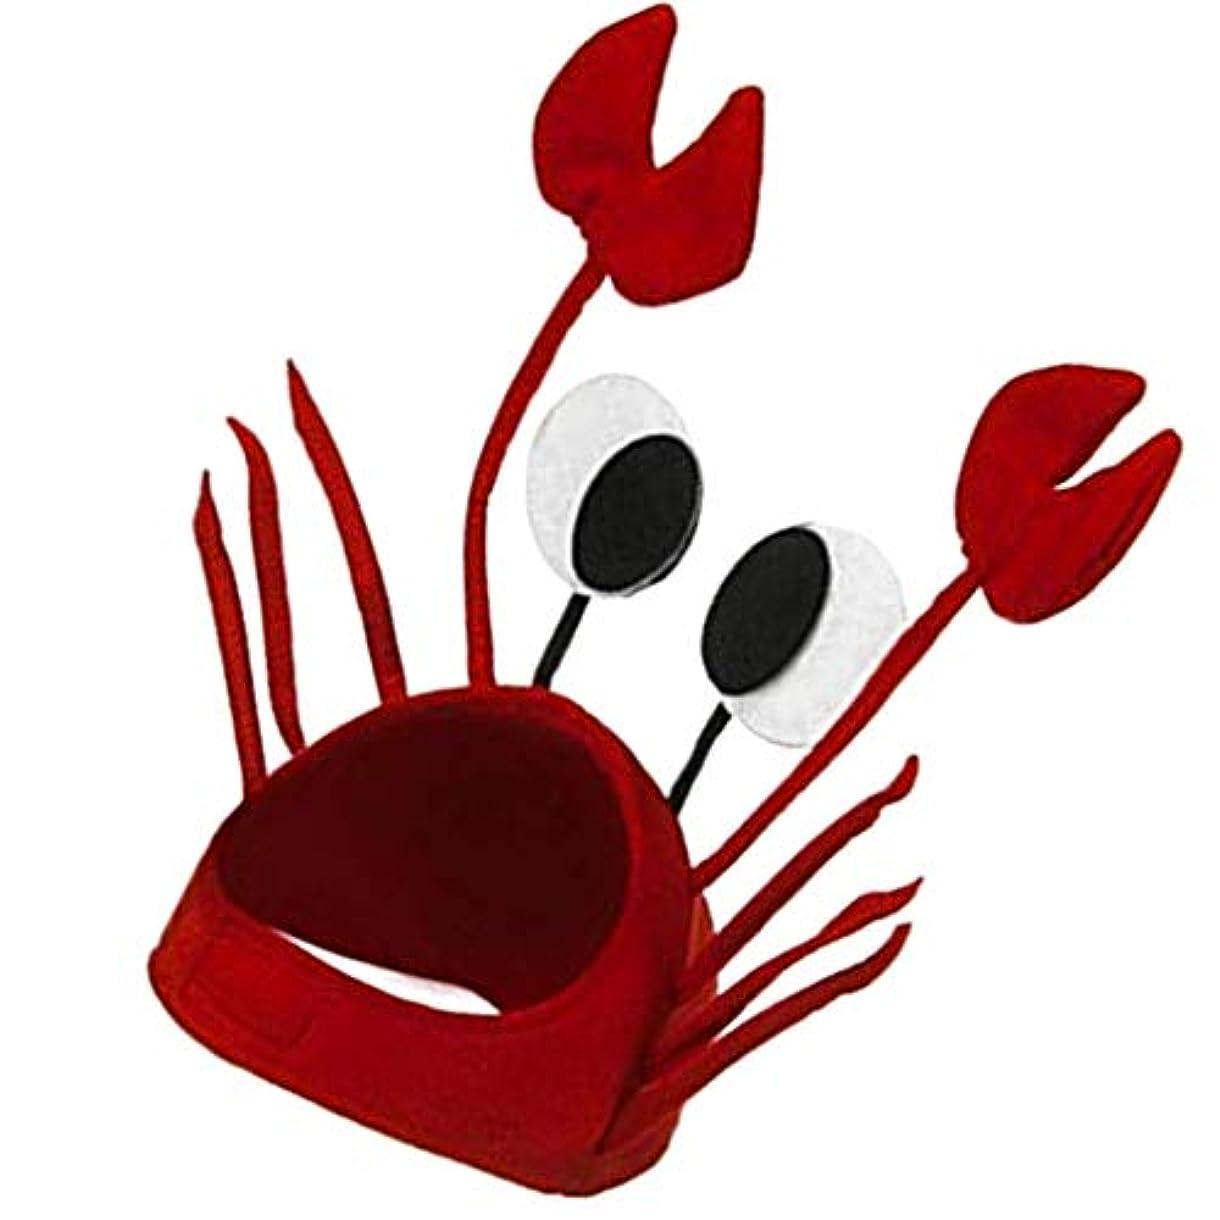 レキシコンどうやってウェイターuzinby 女の子 カニハット 幼稚園ボーイズ 子供の日 ビーニーキャップ おかしい 休日の小道具 クリスマスのギフト